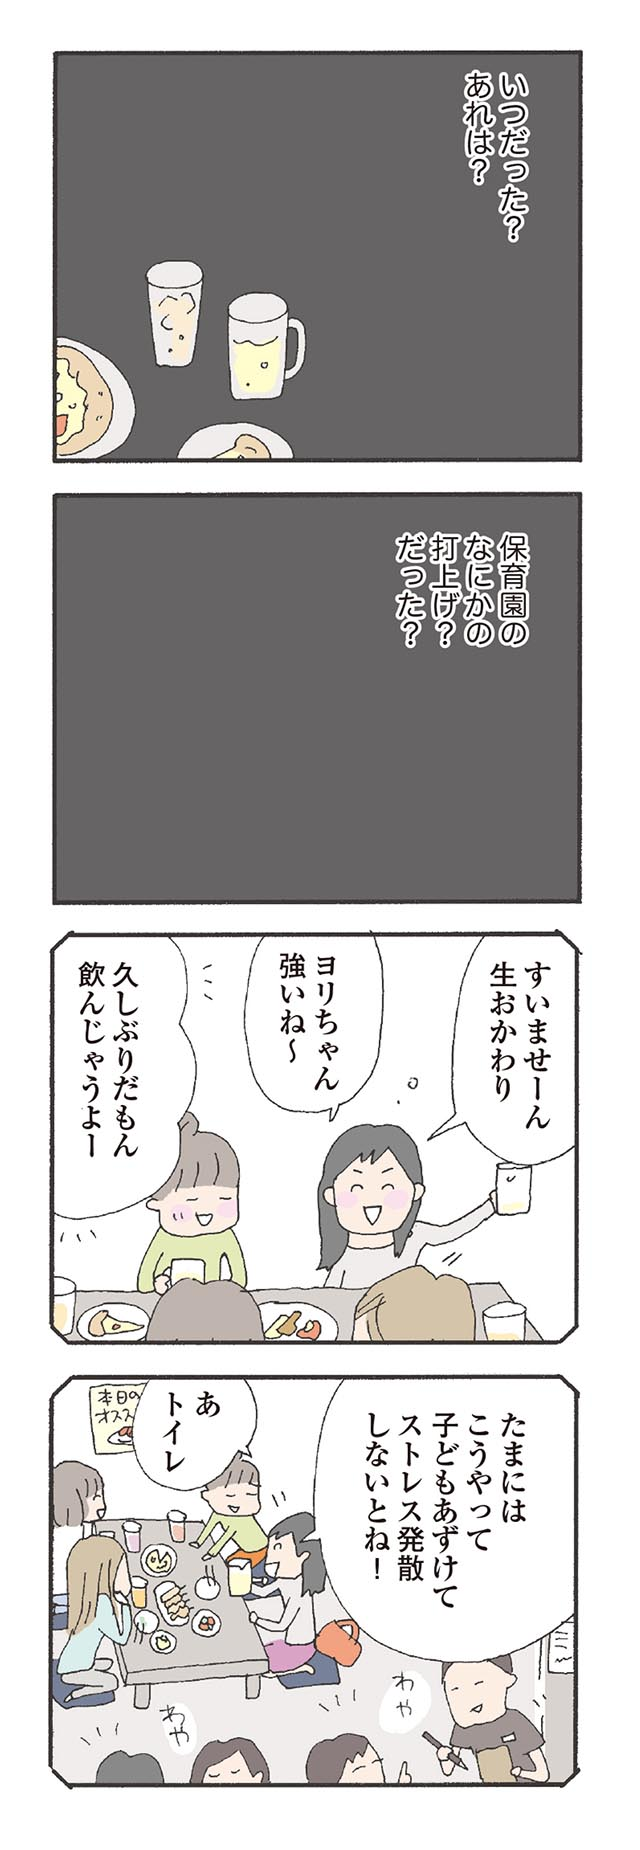 mamatomo06_01.jpg